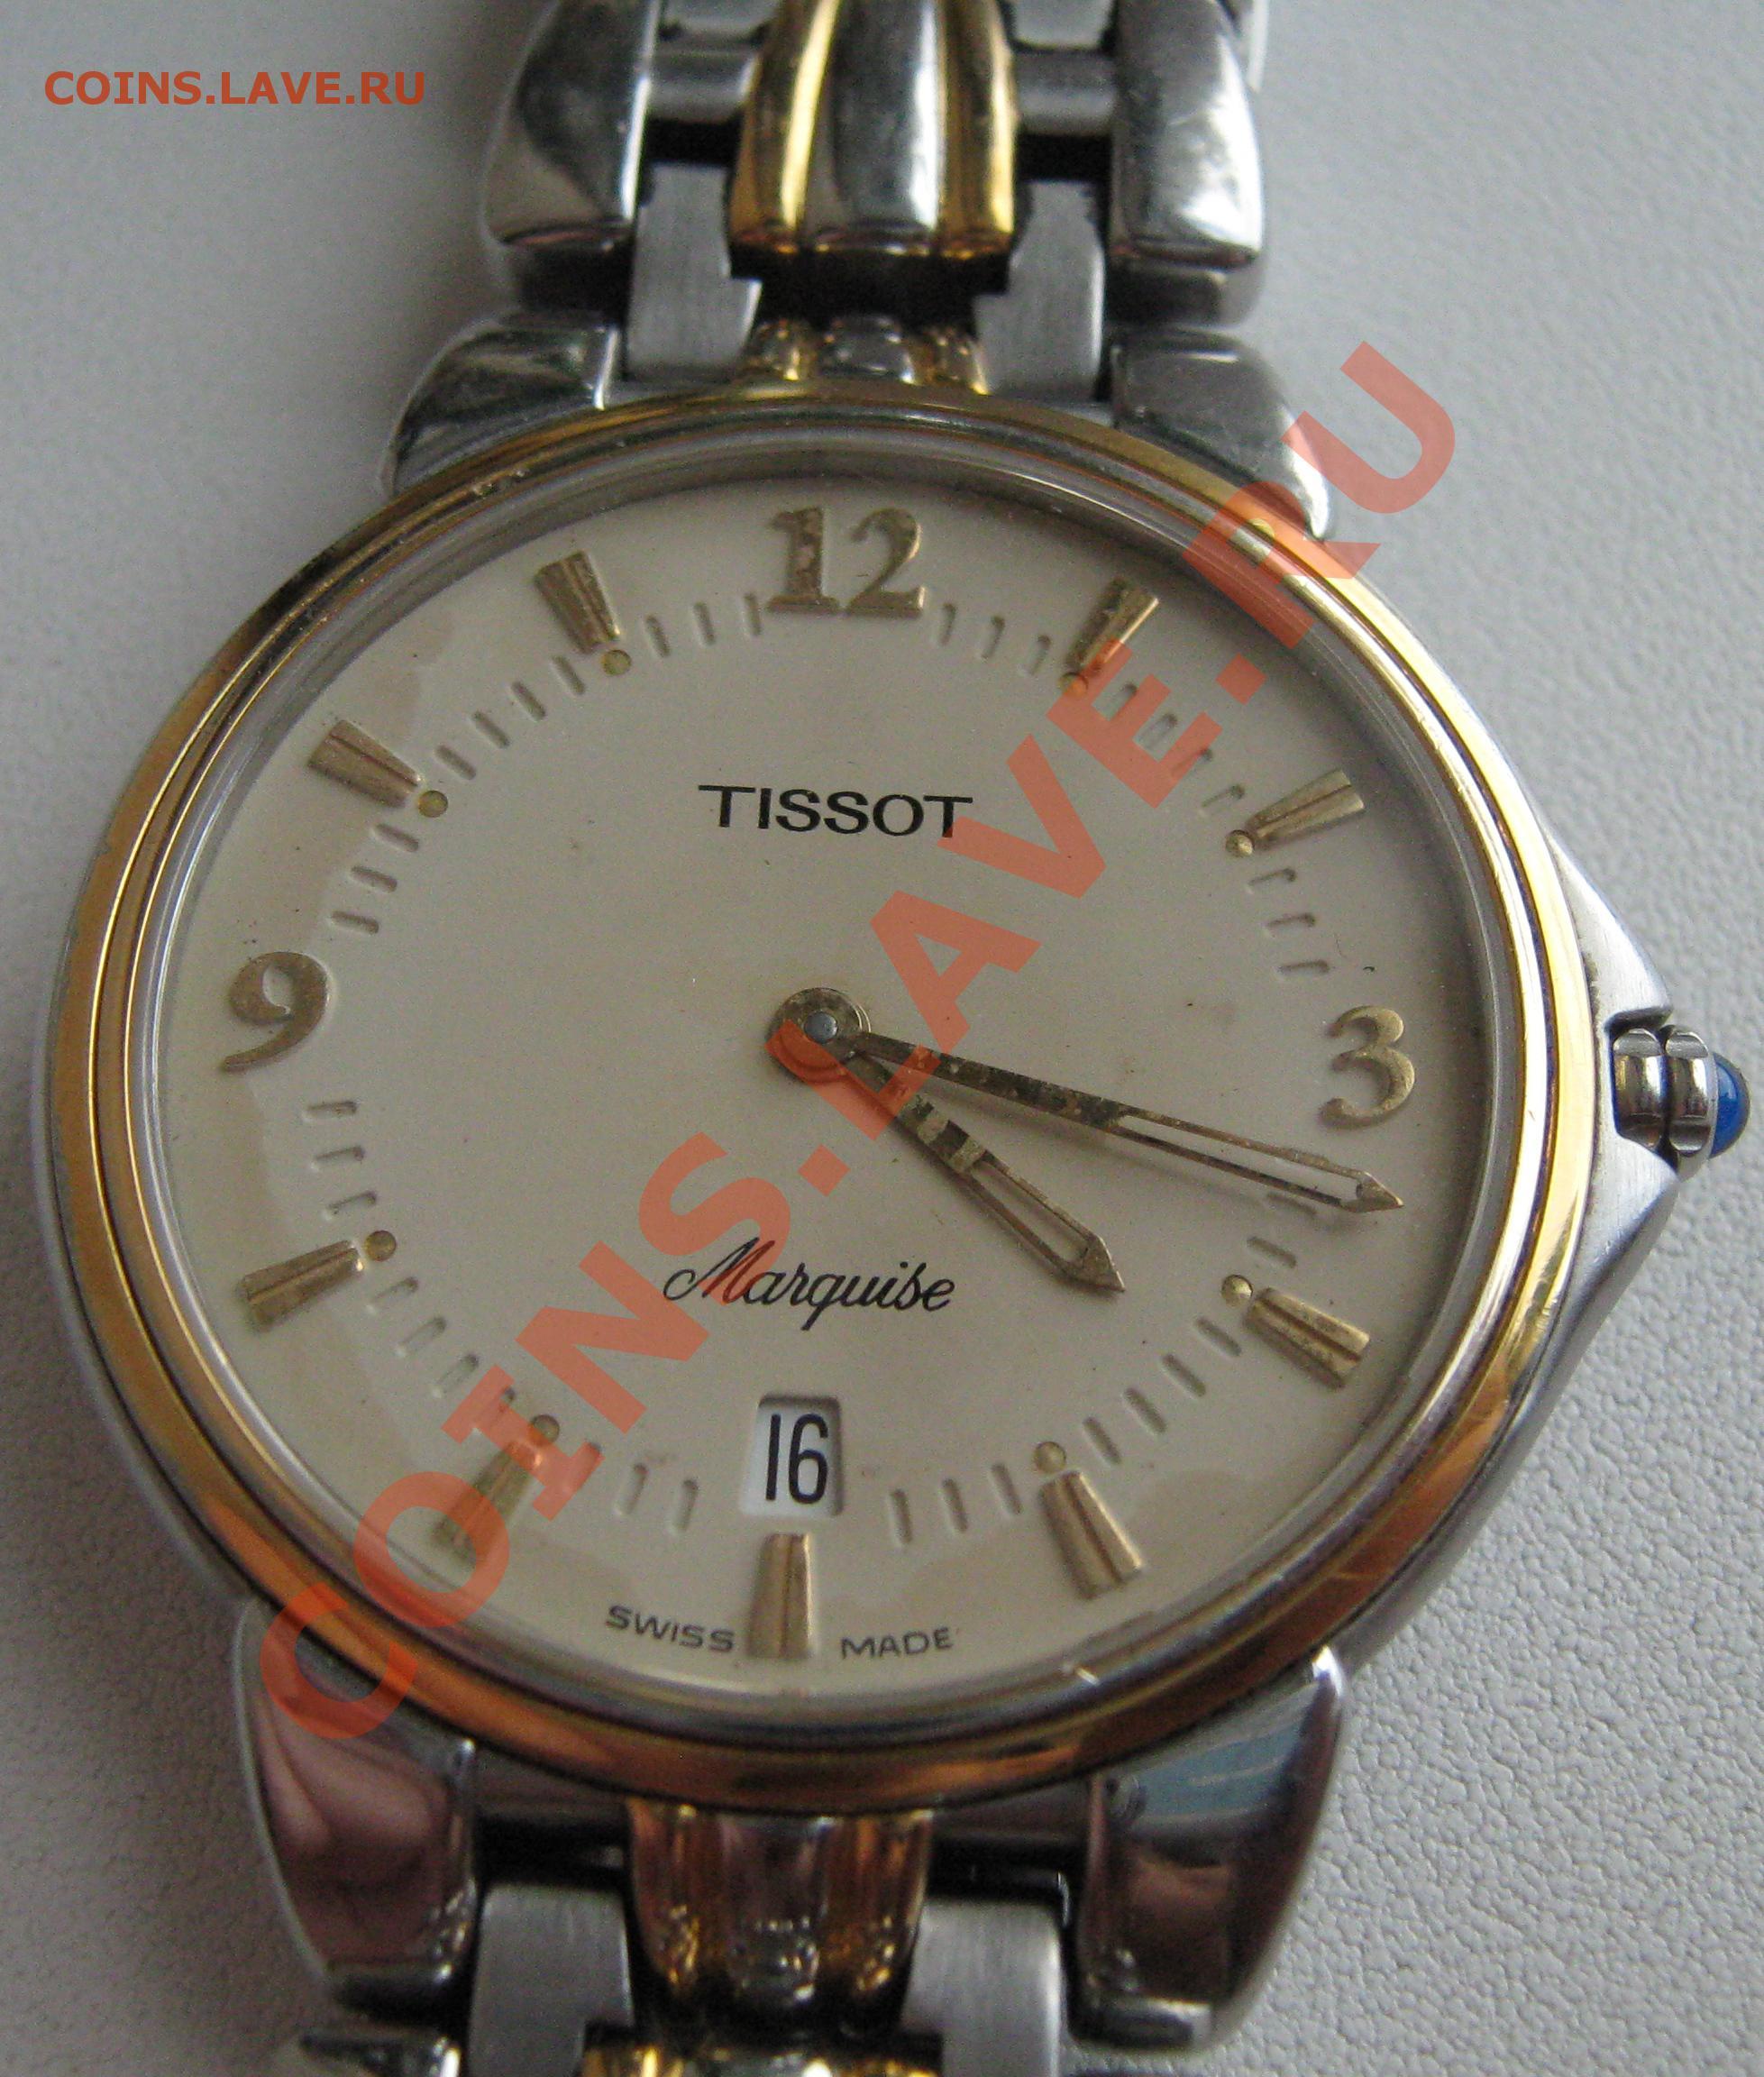 Мужские часы cartier с двумя циферблатами, касио часы